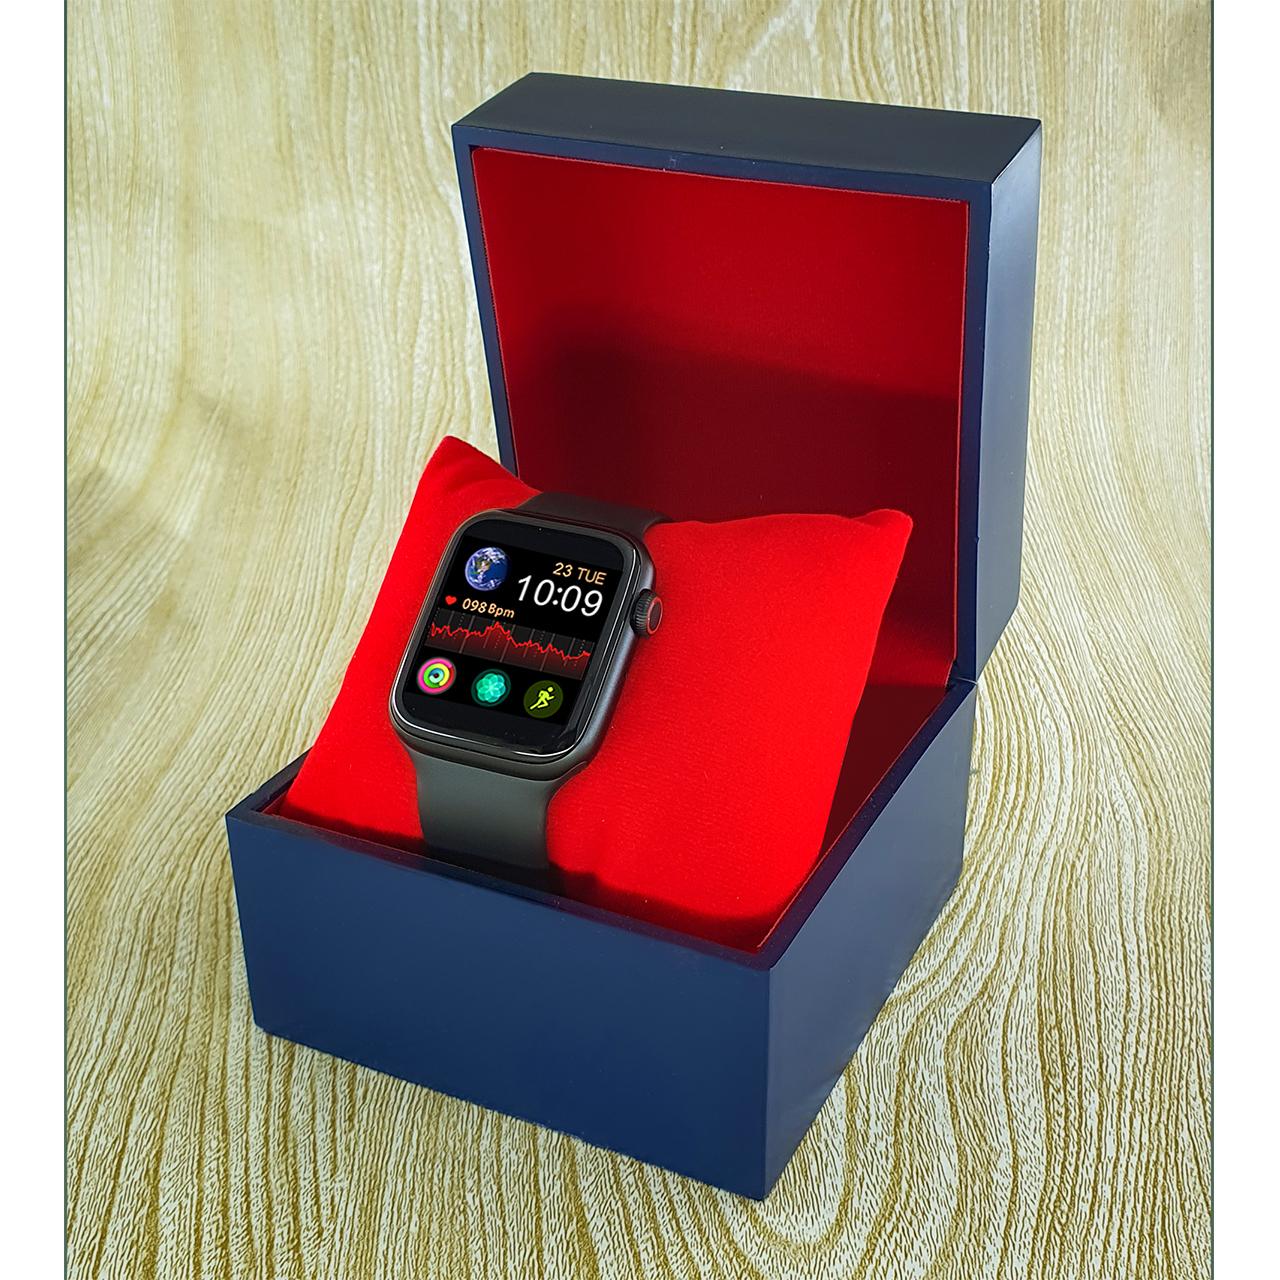 خرید اینترنتی ساعت هوشمند گیفت کالکشن مدل w5 اورجینال